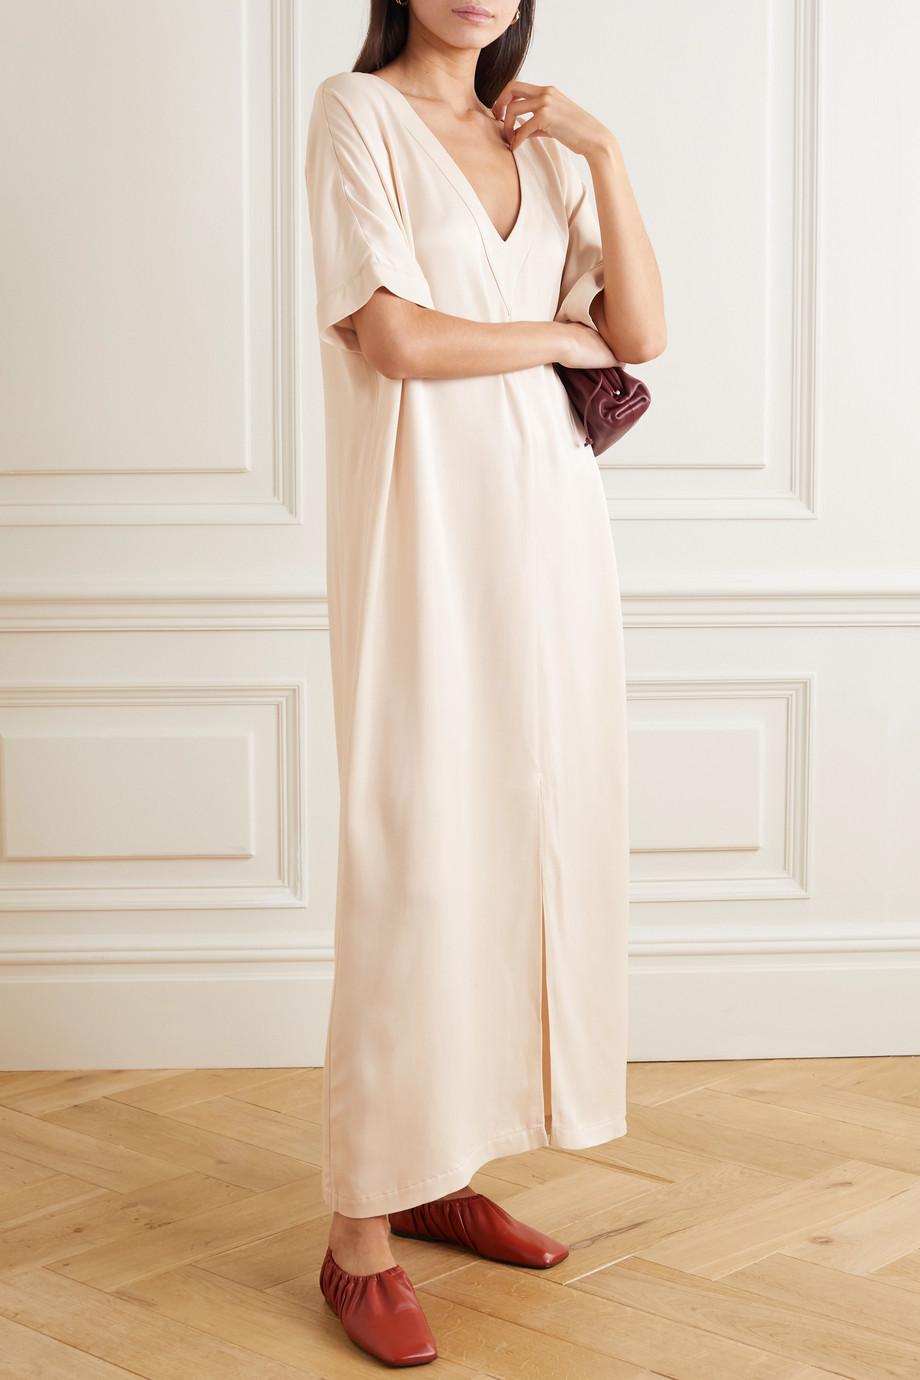 Envelope1976 + NET SUSTAIN Tokyo crepe de chine maxi dress